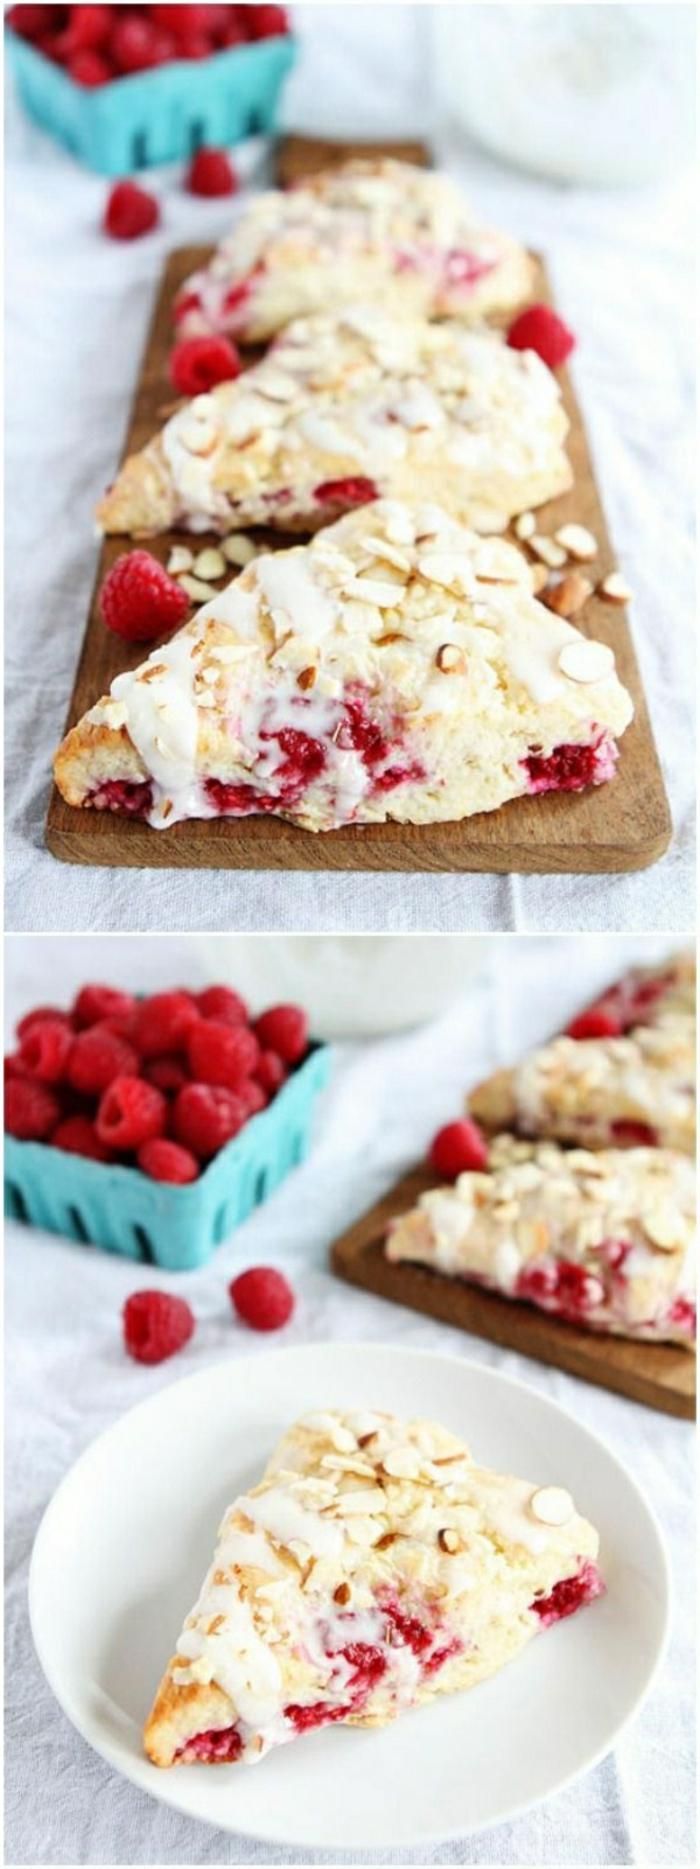 las mejores ideas de pasteles con frutas para el verano, recetas originales faciles y rapidas, fotos de tartas de frambuesas